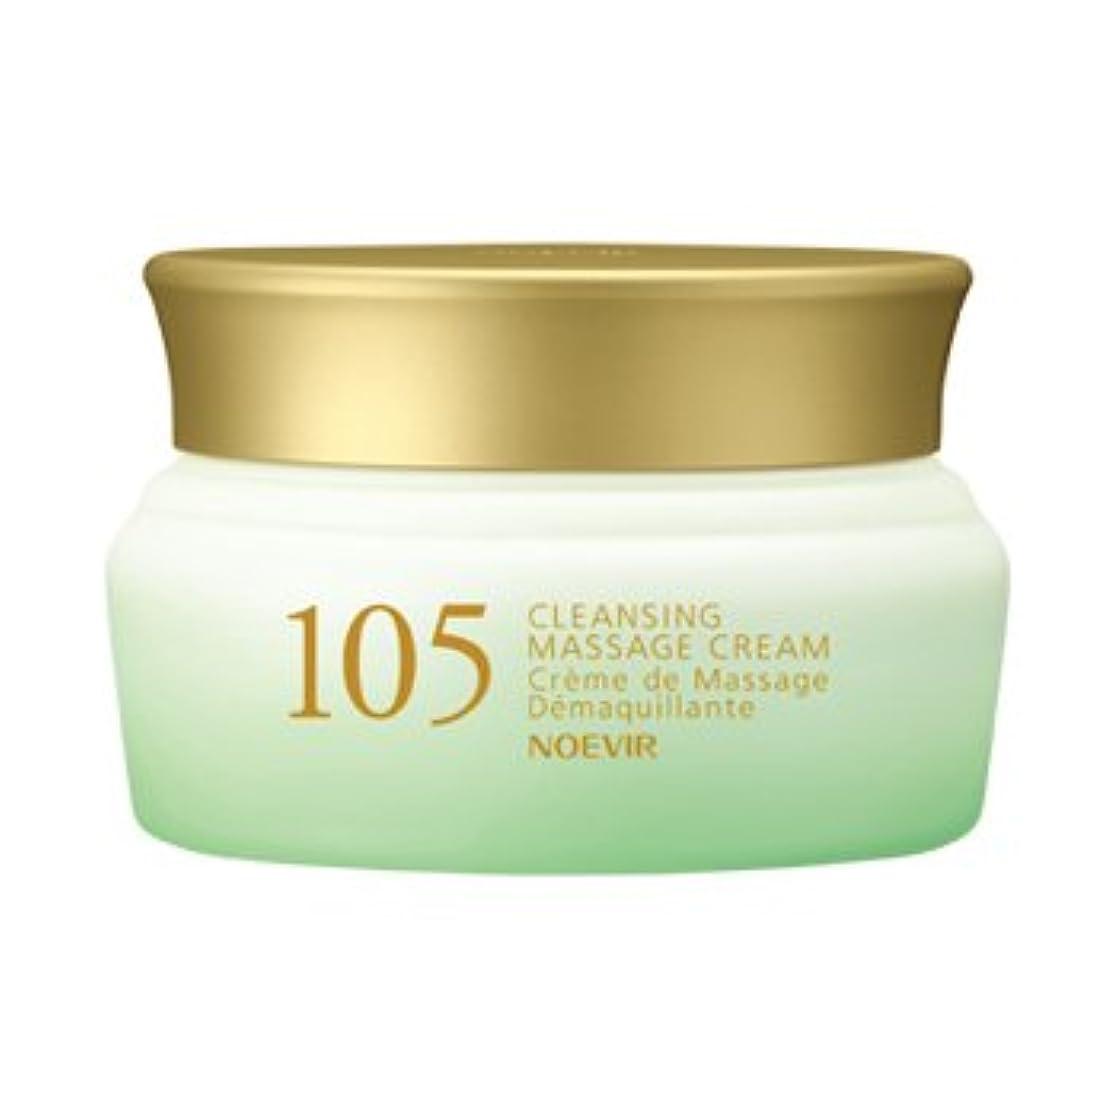 水素聖域異常なノエビア ノエビア105 クレンジングマッサージクリーム(100g)